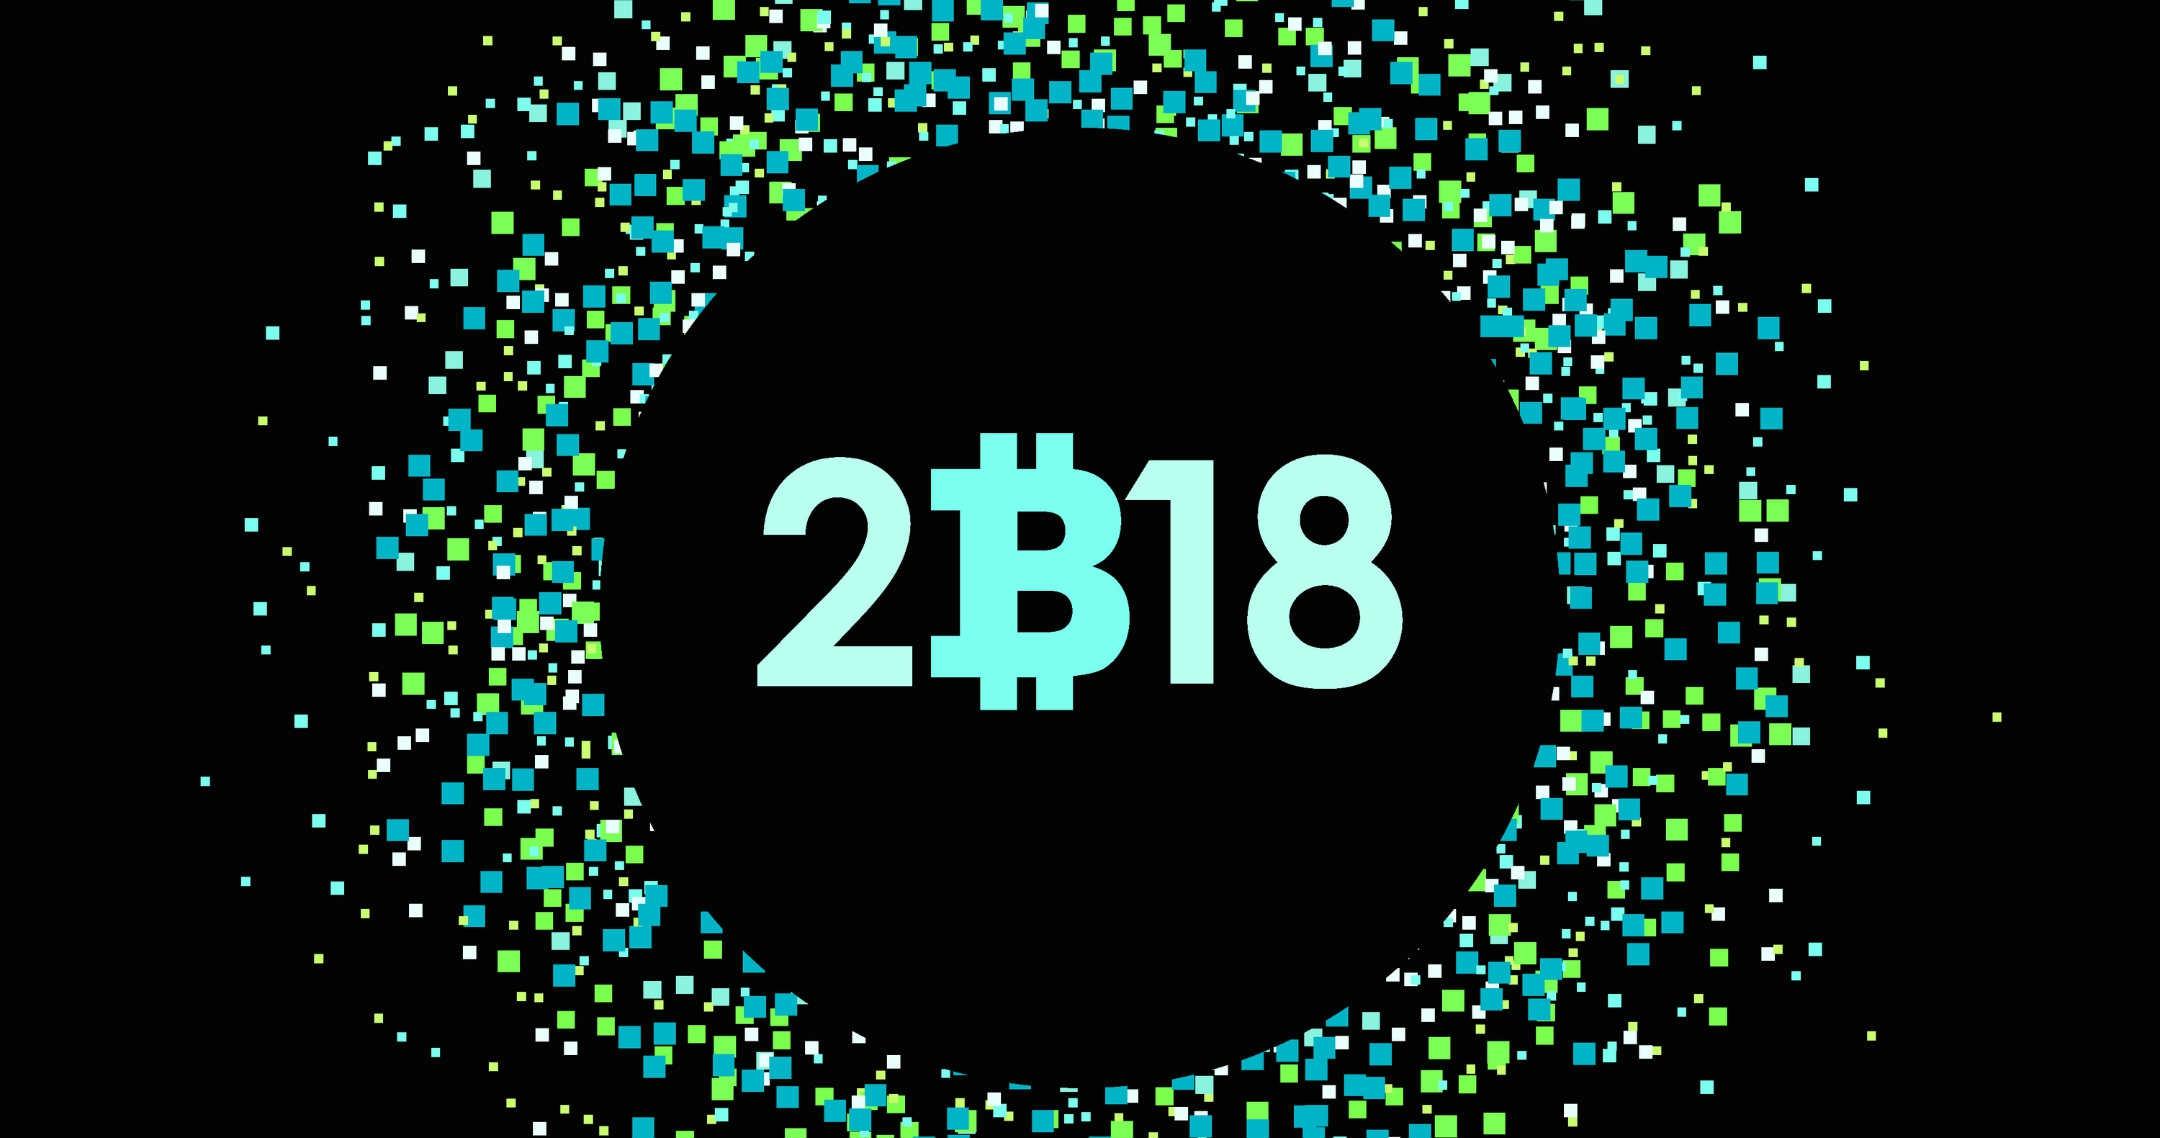 有暴跌也有进展,8大突破回顾比特币的2018